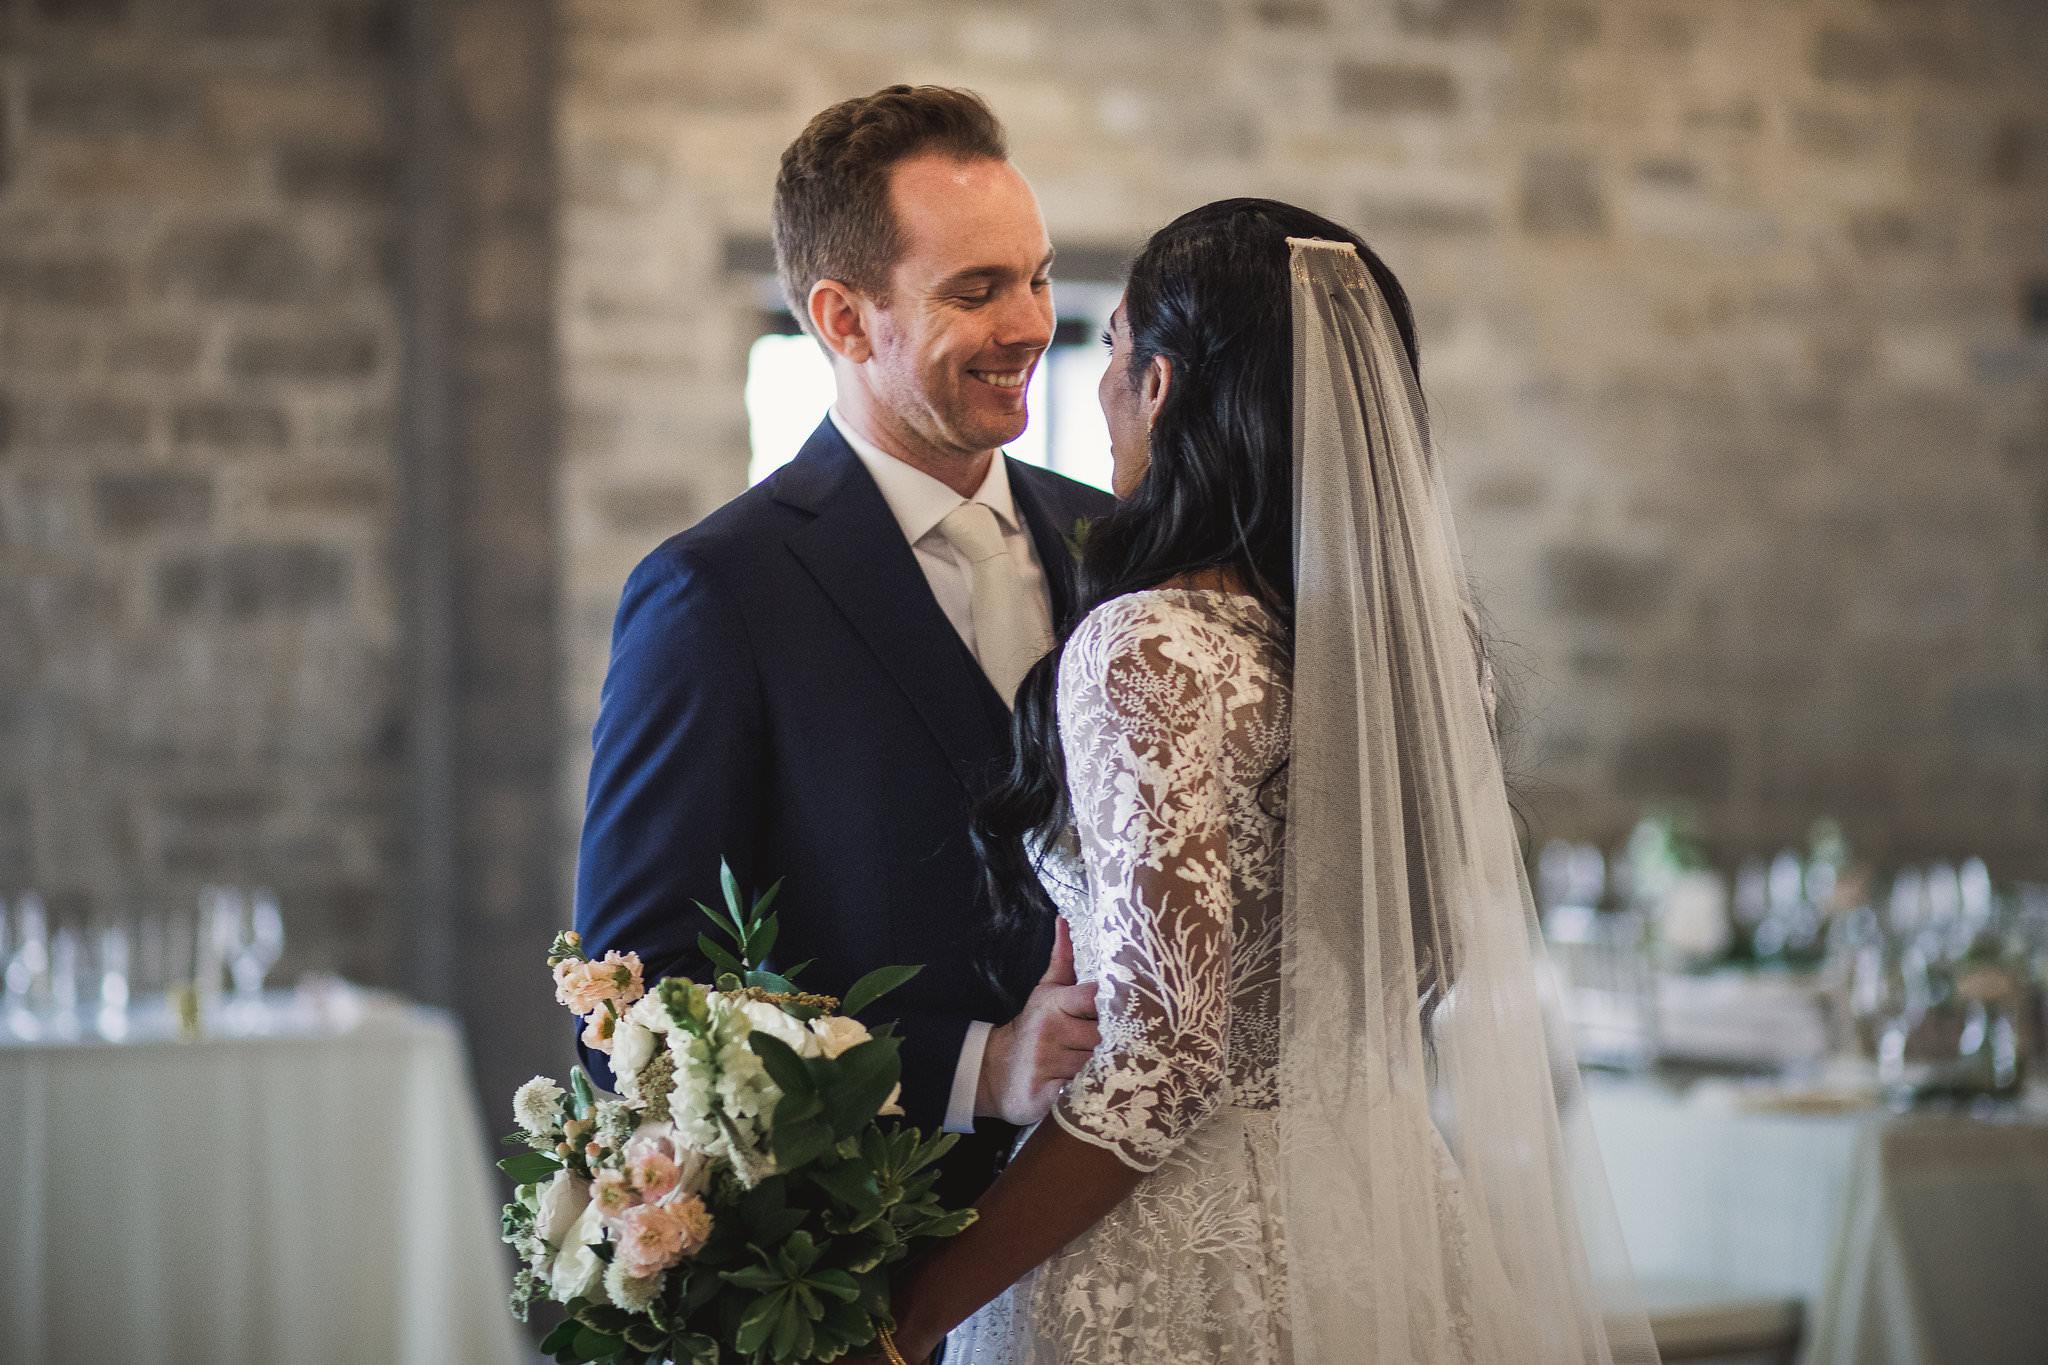 eloramillwedding 136 - Elora Mill Wedding